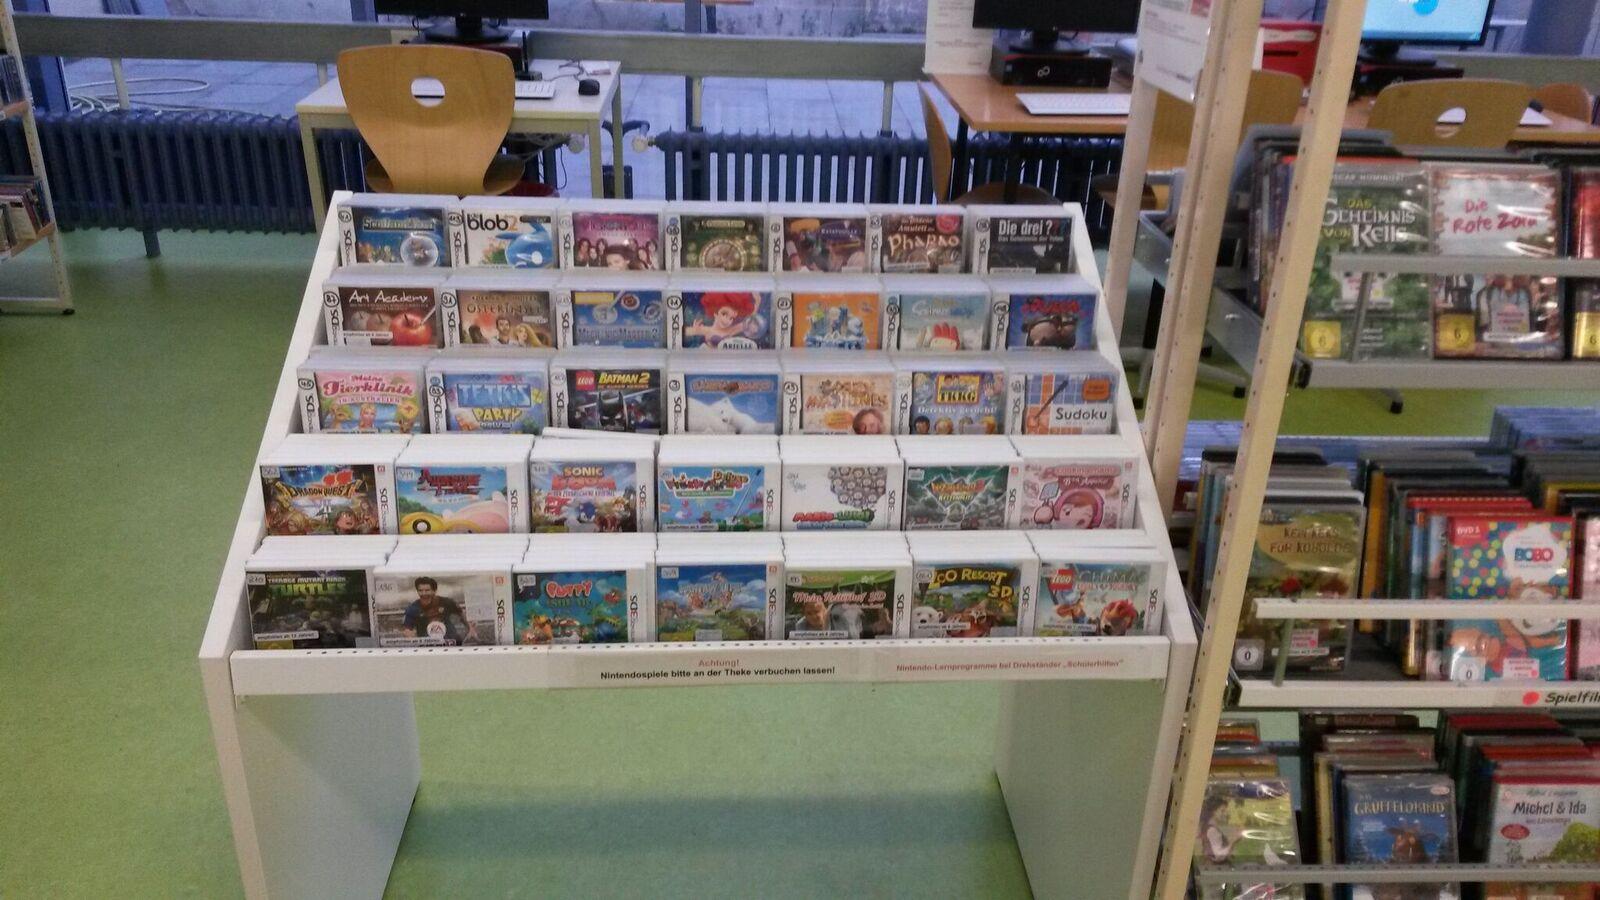 Präsentationsregal für NintdenoDS-Spiele in der Kinderbibliothek